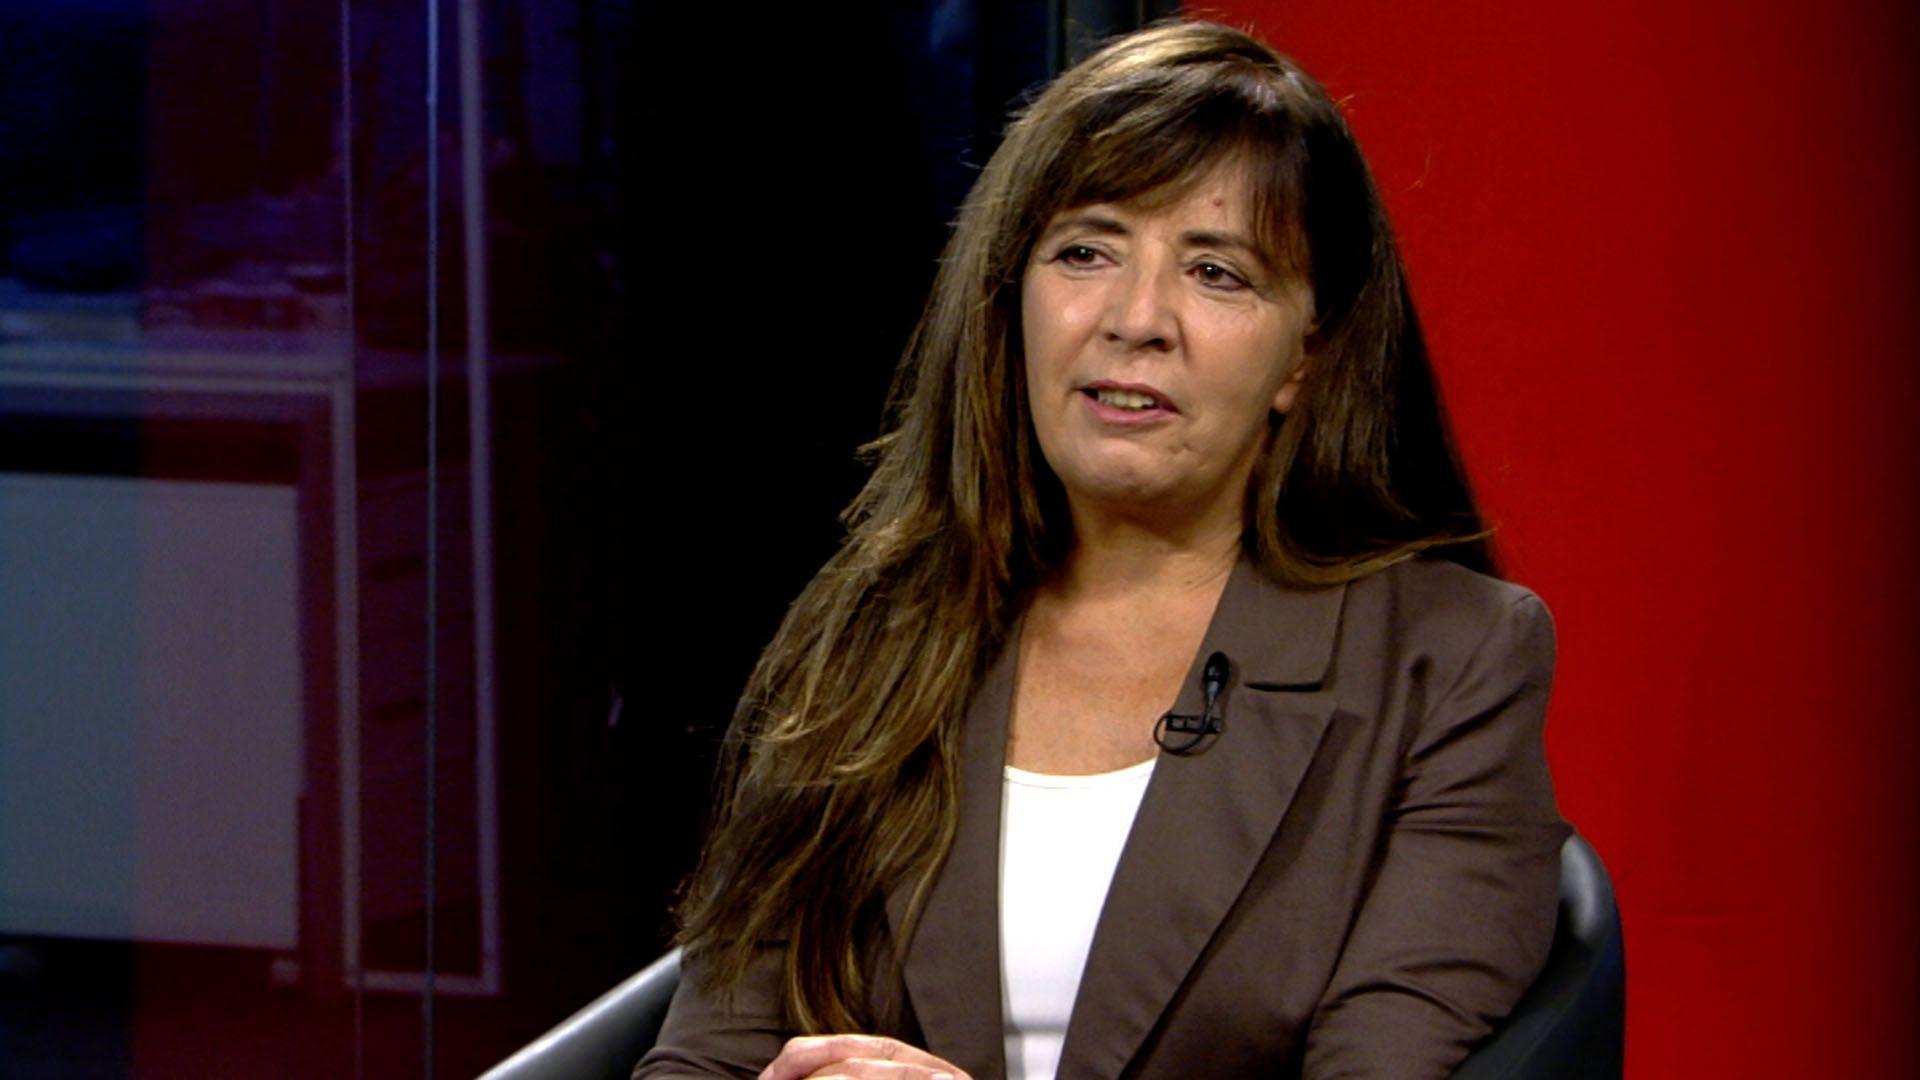 Entrevista a Gabriela Cerruti portada